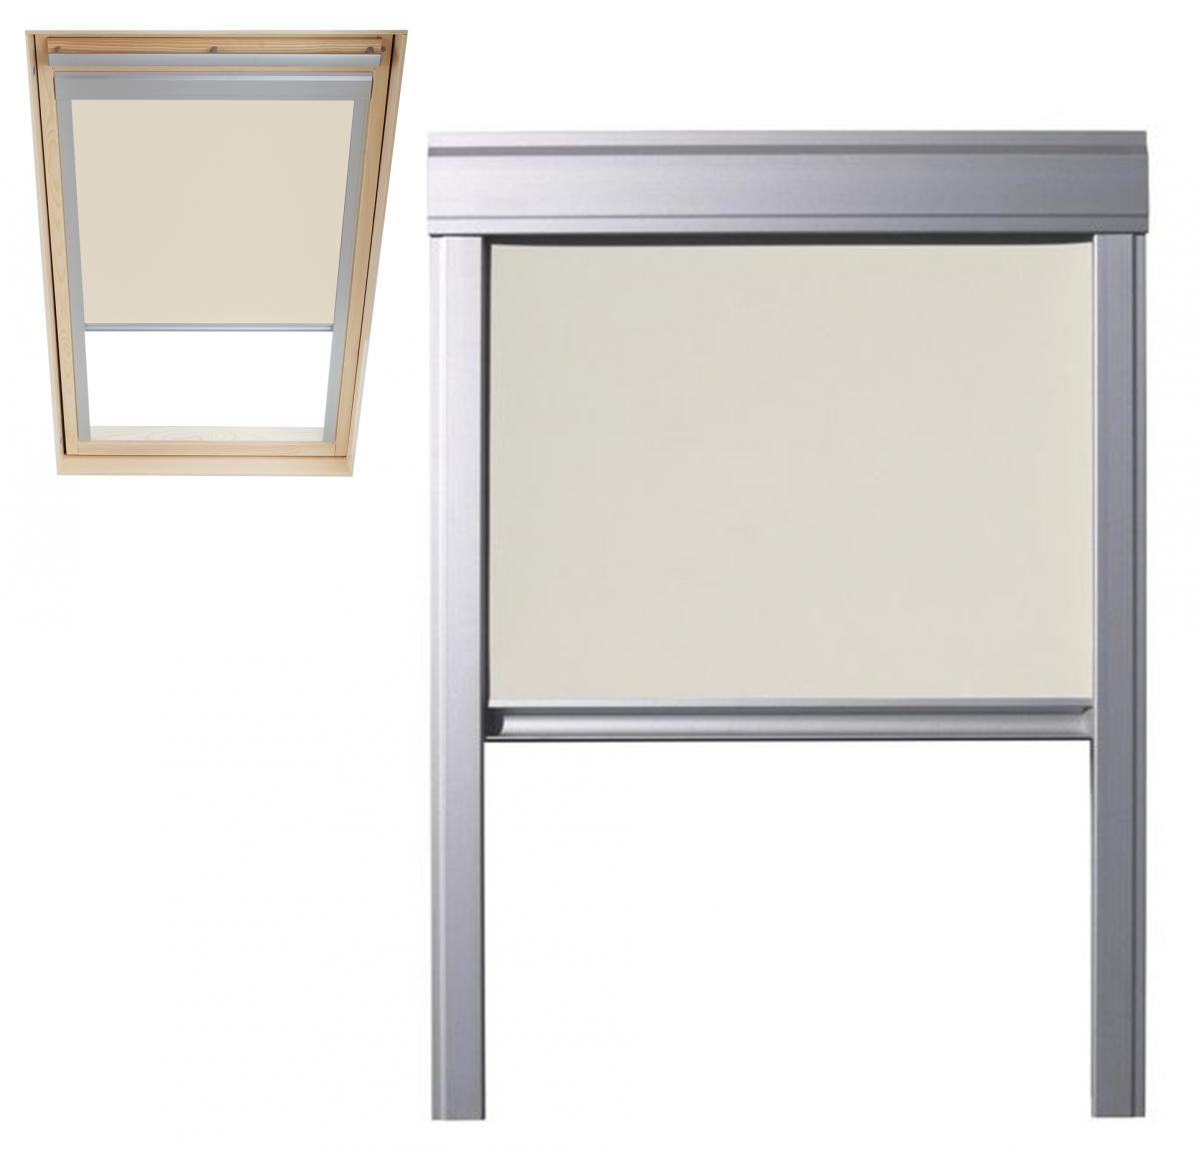 verdunkelungsrollo contrio dur standard f r velux dachfenster ggl ggu gpu gpl glu gll. Black Bedroom Furniture Sets. Home Design Ideas